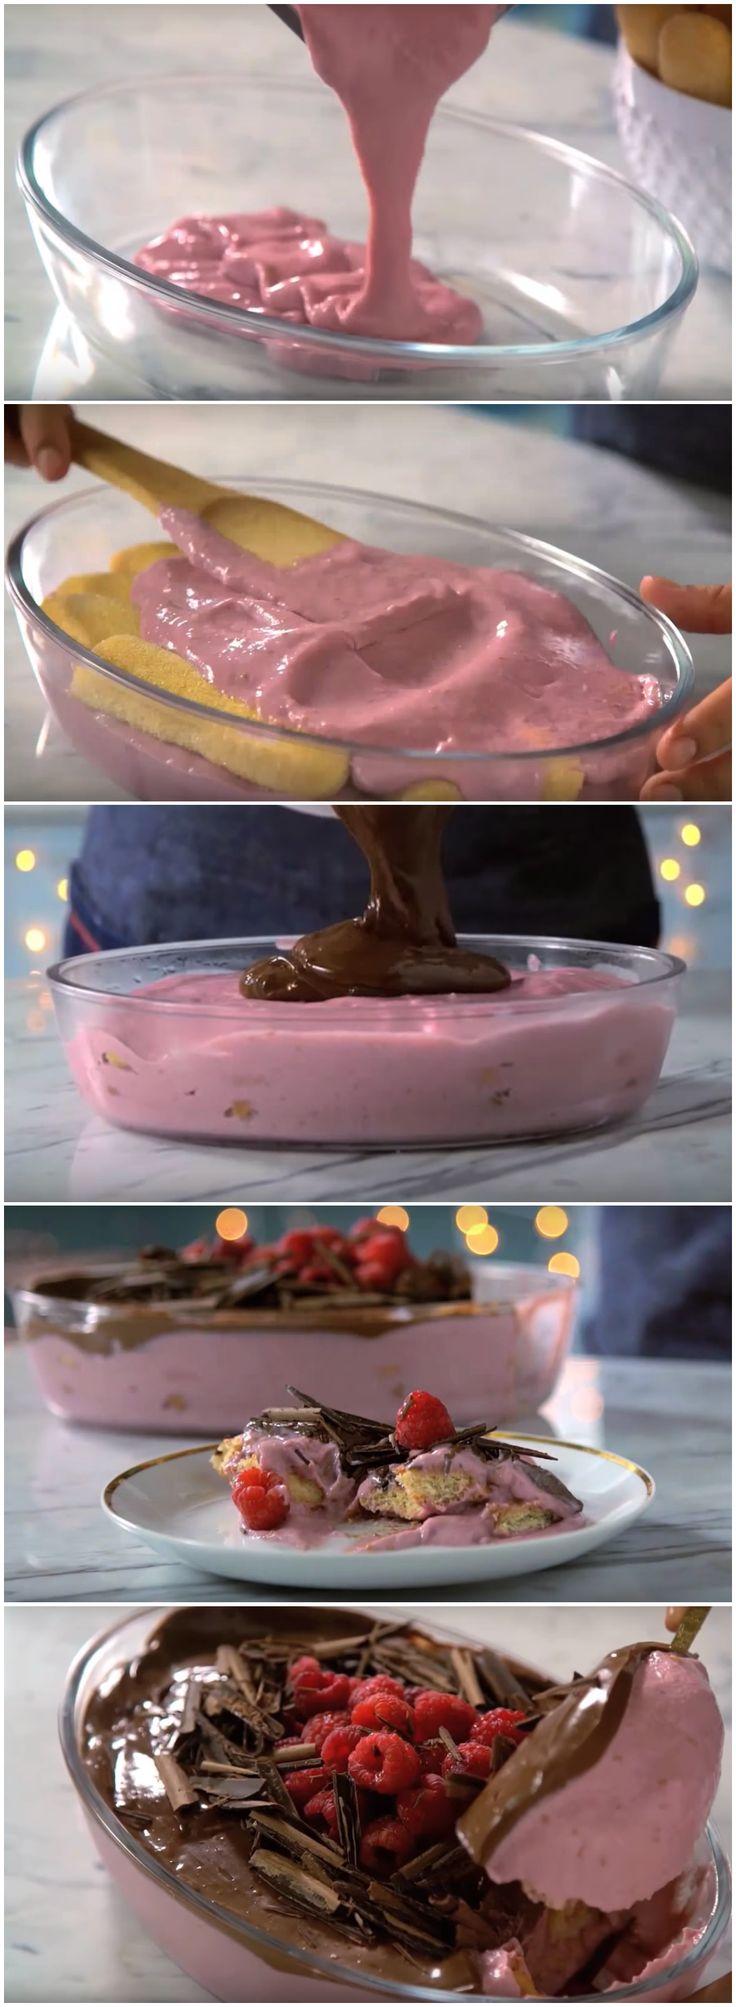 A MELHOR SOBREMESA GELADA QUE EXISTE! (veja a receita passo a passo) #sobremesa #sobremesagelada #sobremesanatravessa